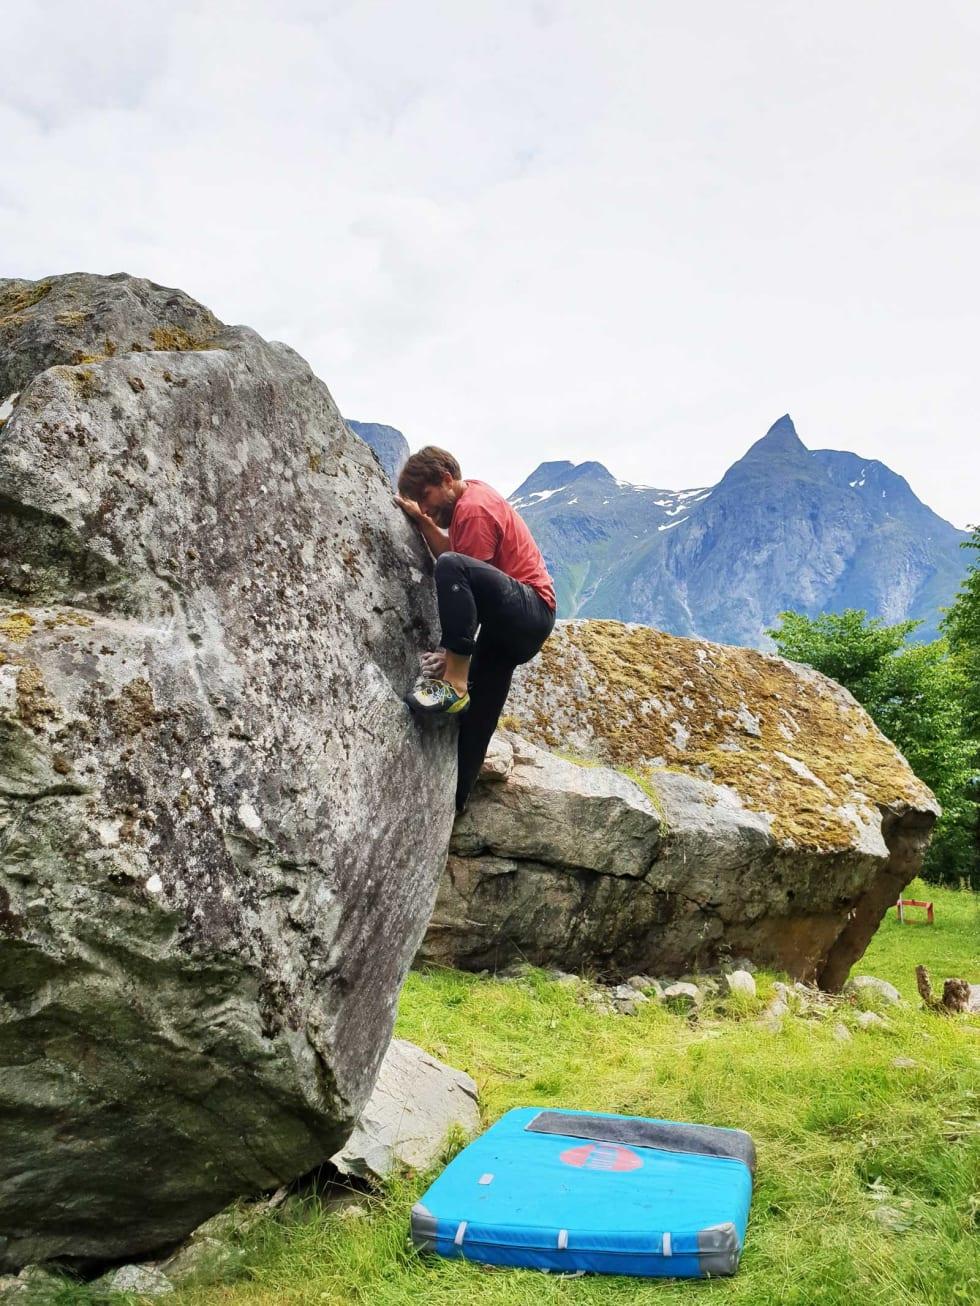 Først opp: Tommy klatrer Ekorntrusa (5) på Hatlenæta. Foto: Jarle Haagenrud